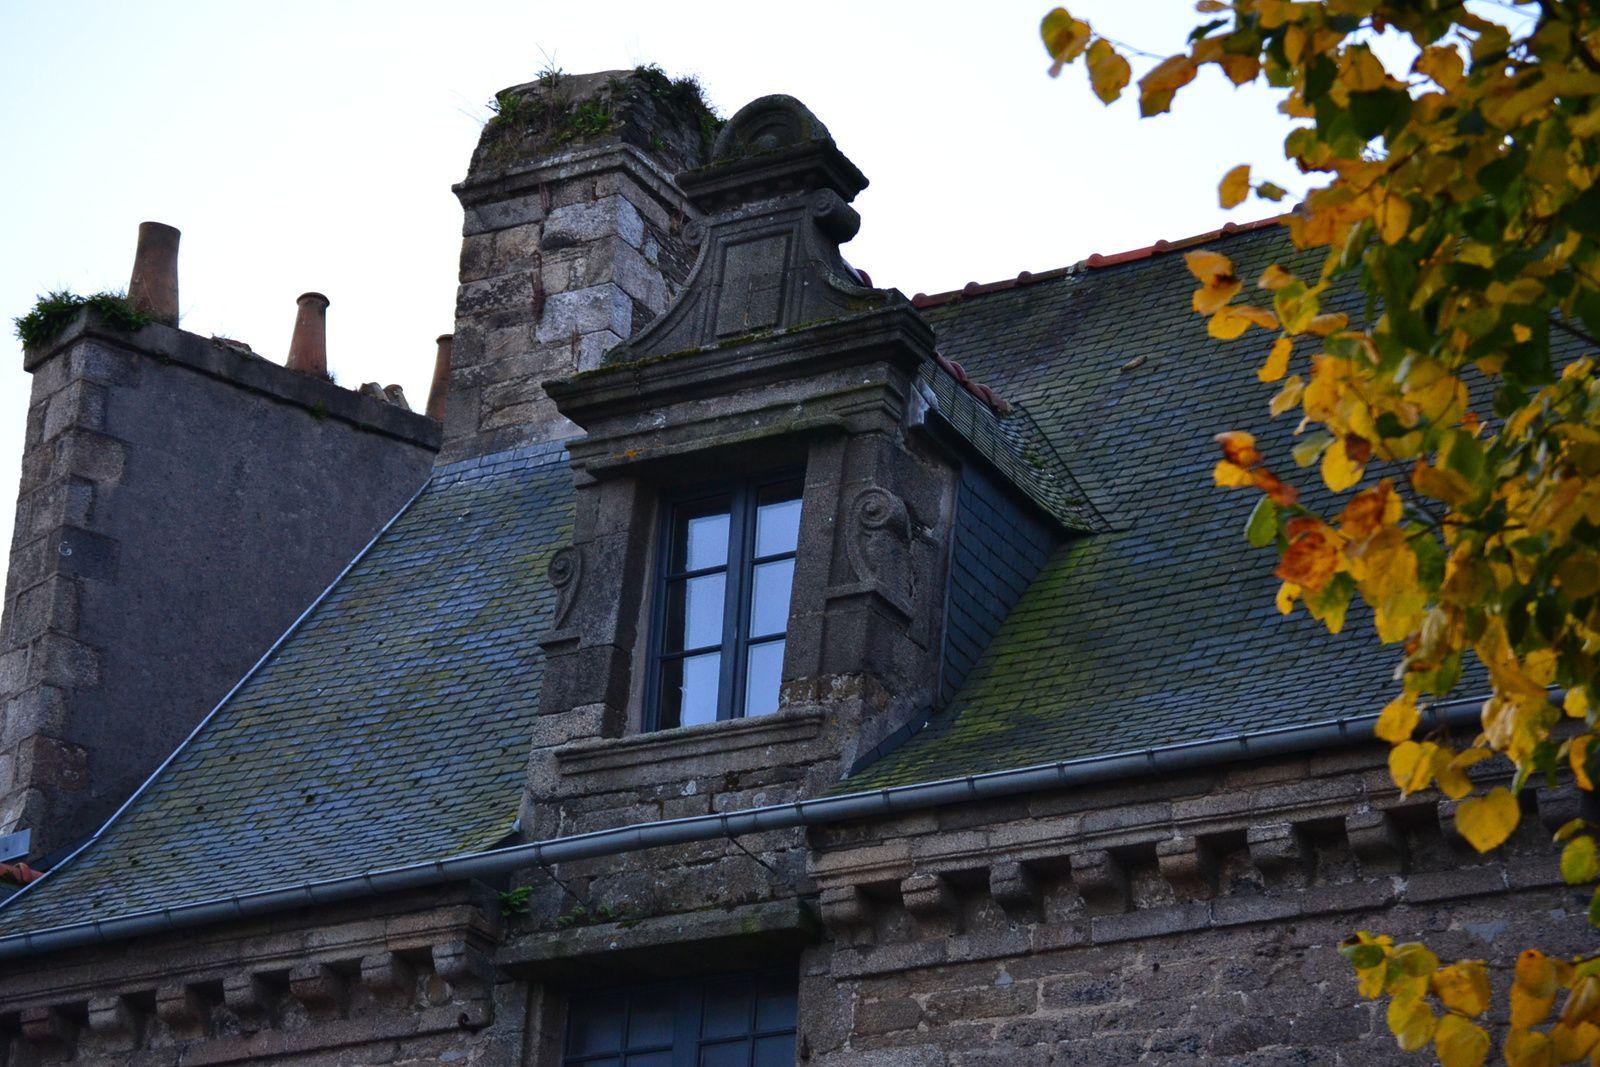 21 et 22 octobre, Lesneven, Landerneau et Brest, séances de dédicaces 2/3...